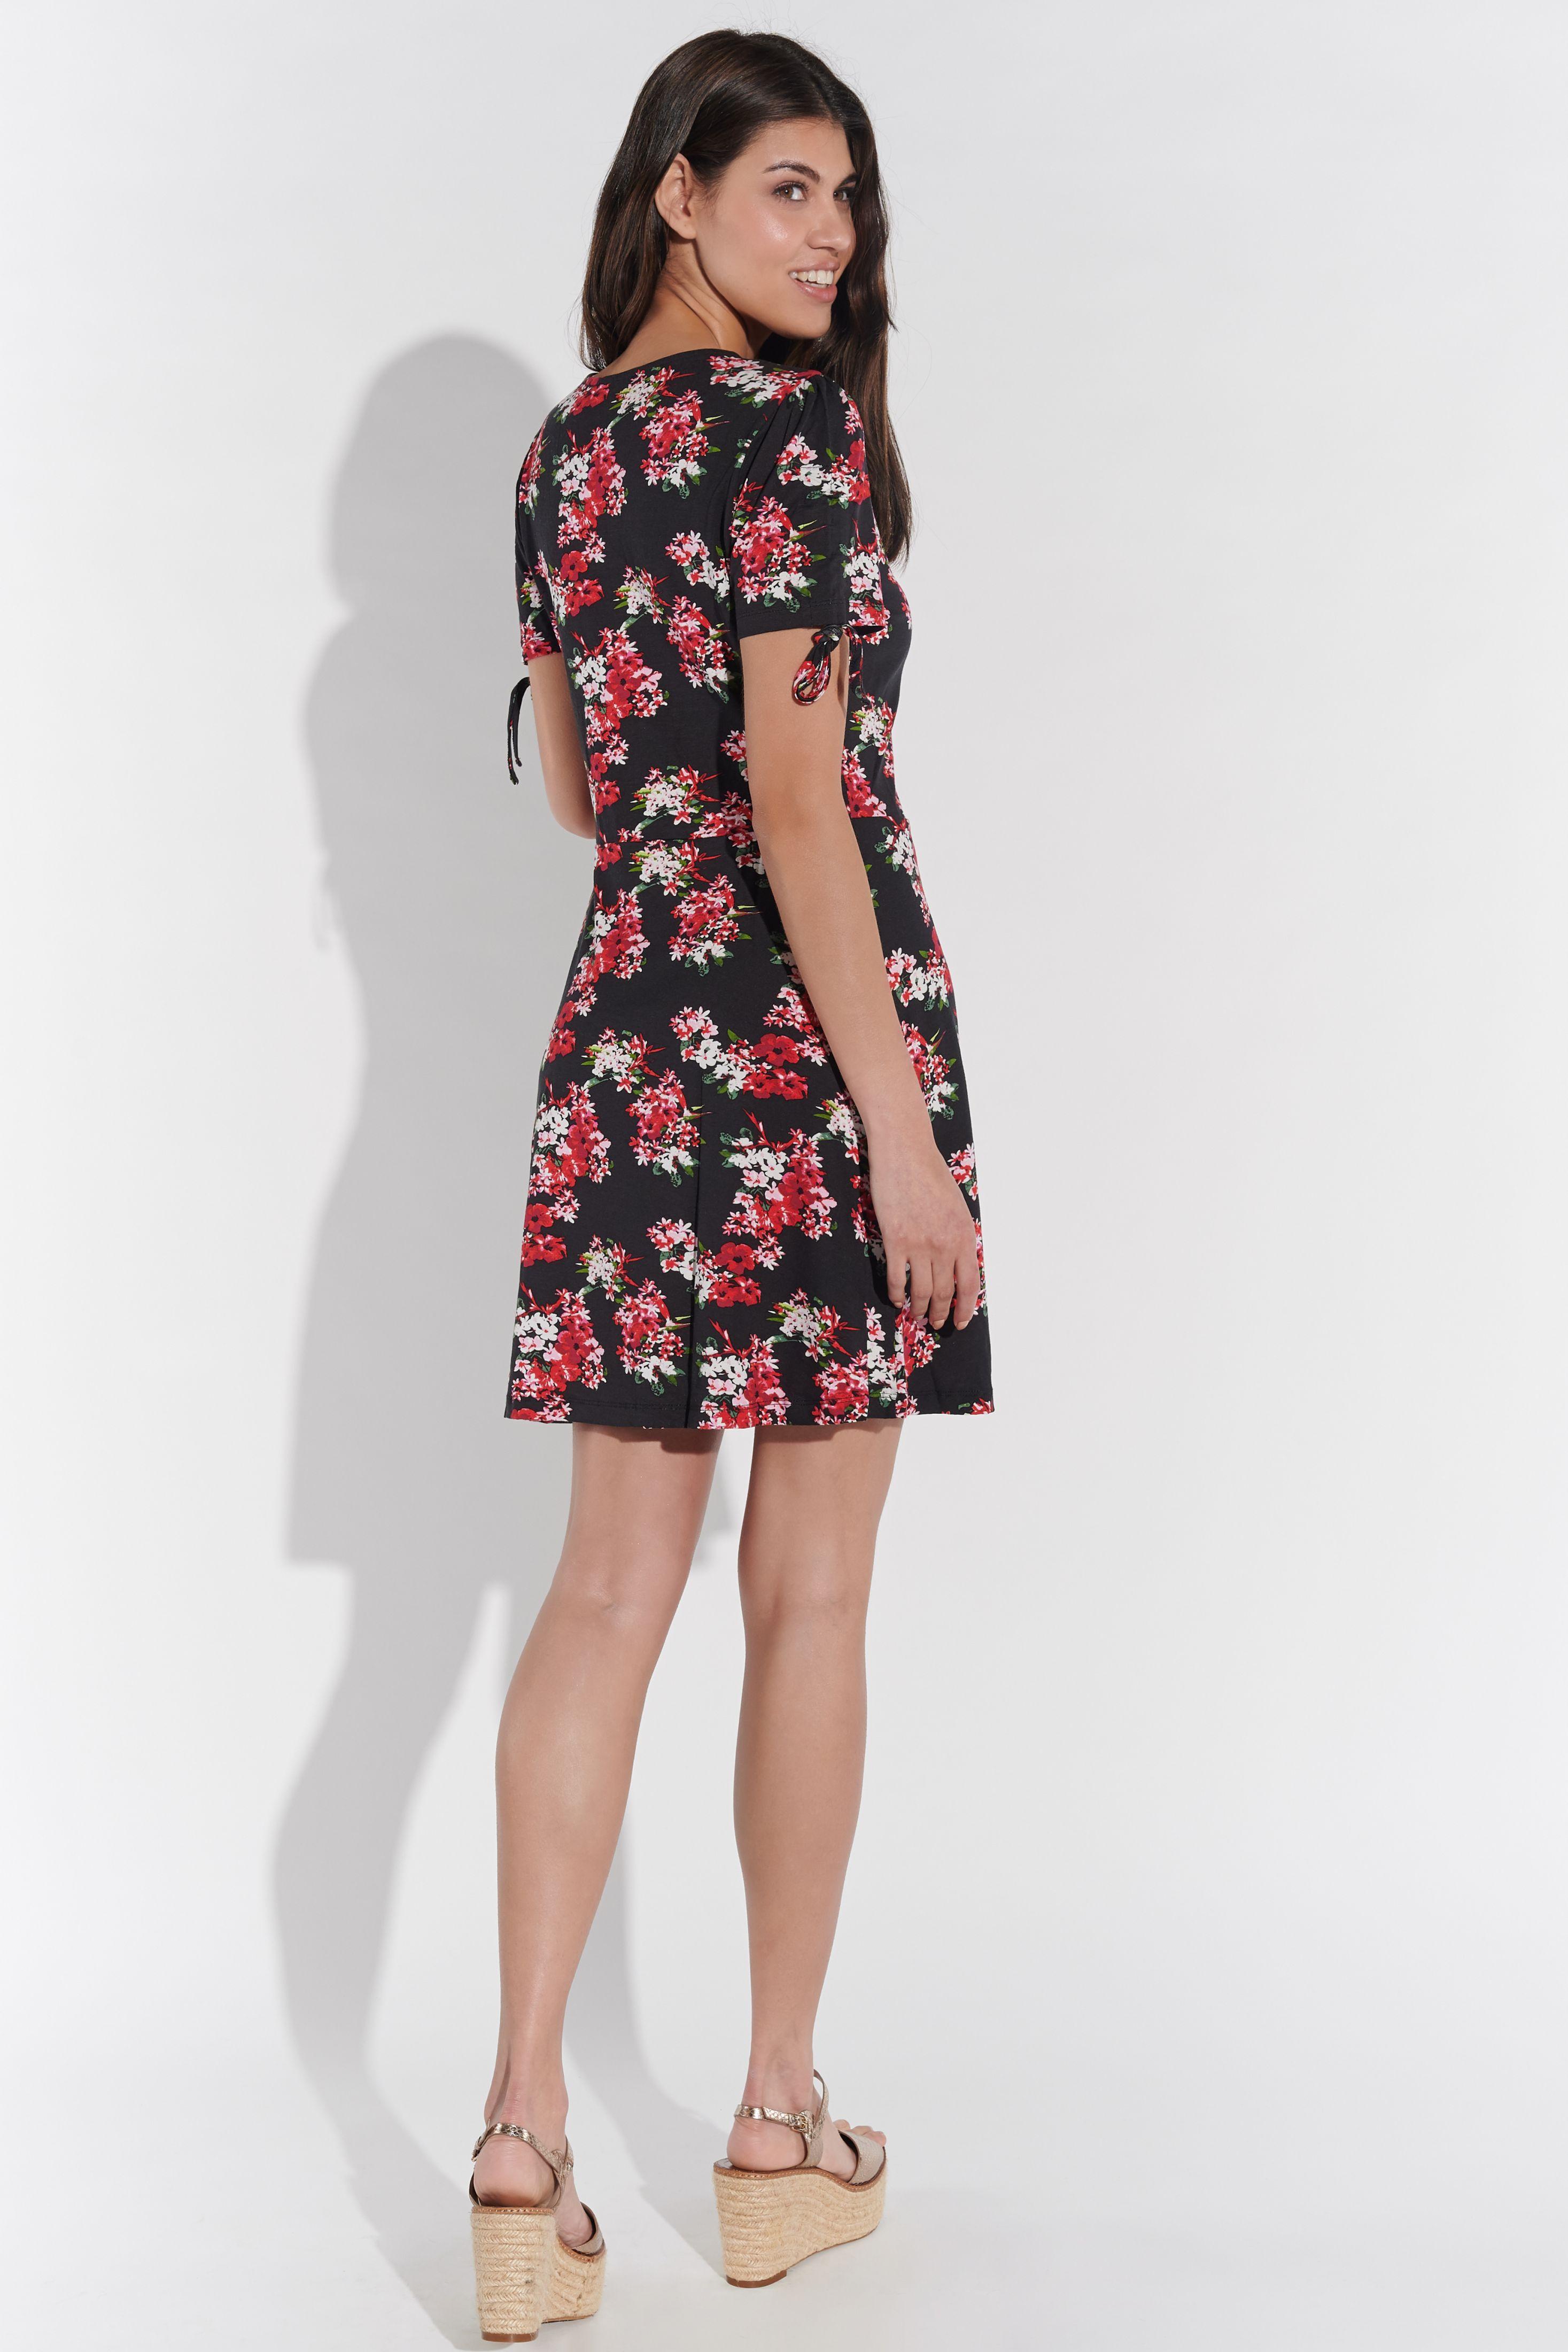 Vestino Damen Kleid Blumenkleid gerafft Sommerkleid Sommerliche Länge Körpernah